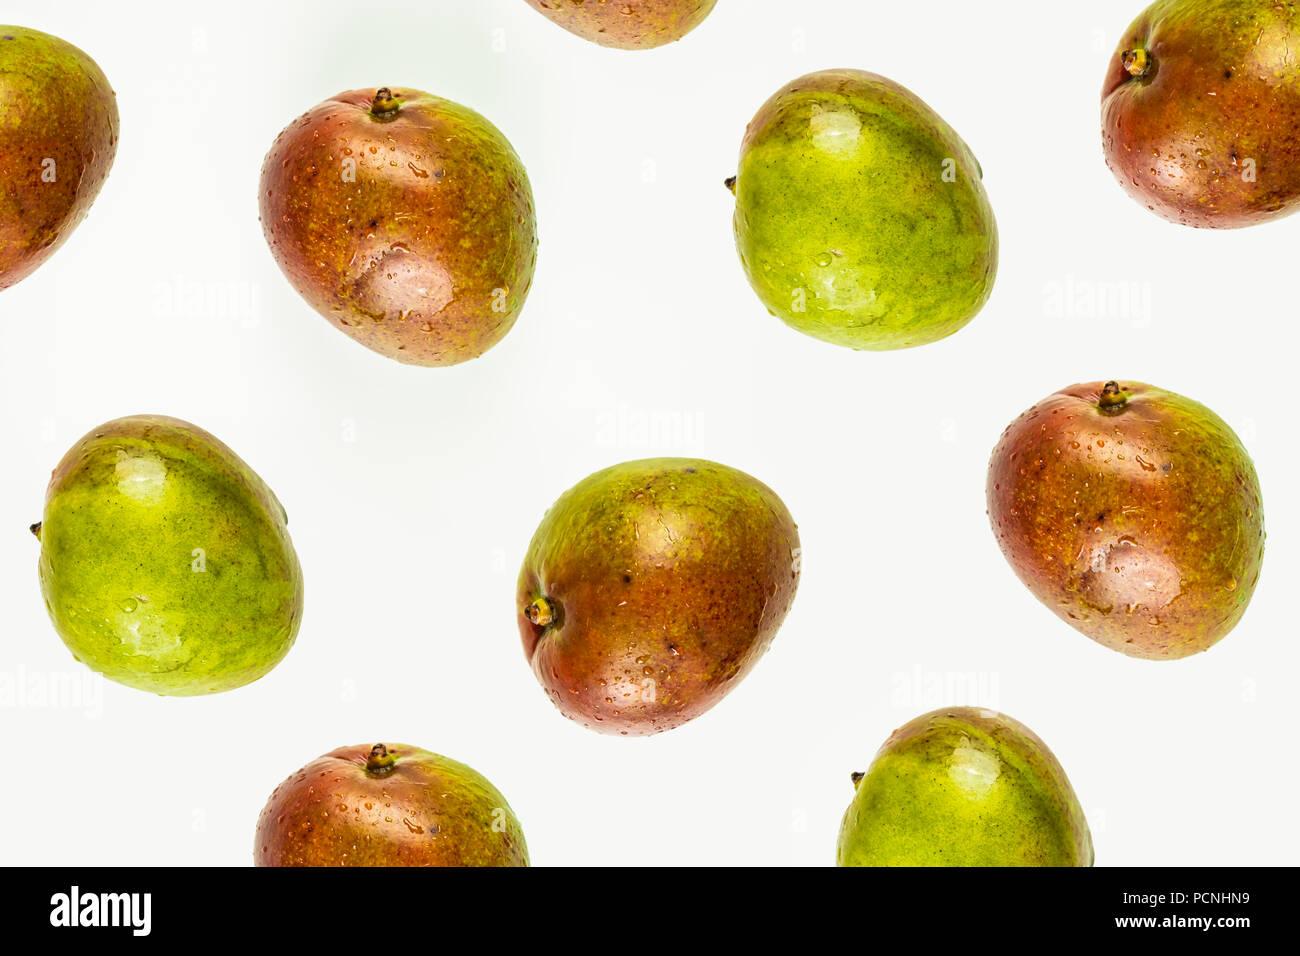 Patrón de mango aislado o tapiz sobre fondo blanco. Concepto de verano maduras frutas de mango fresco entero disparó desde arriba Imagen De Stock